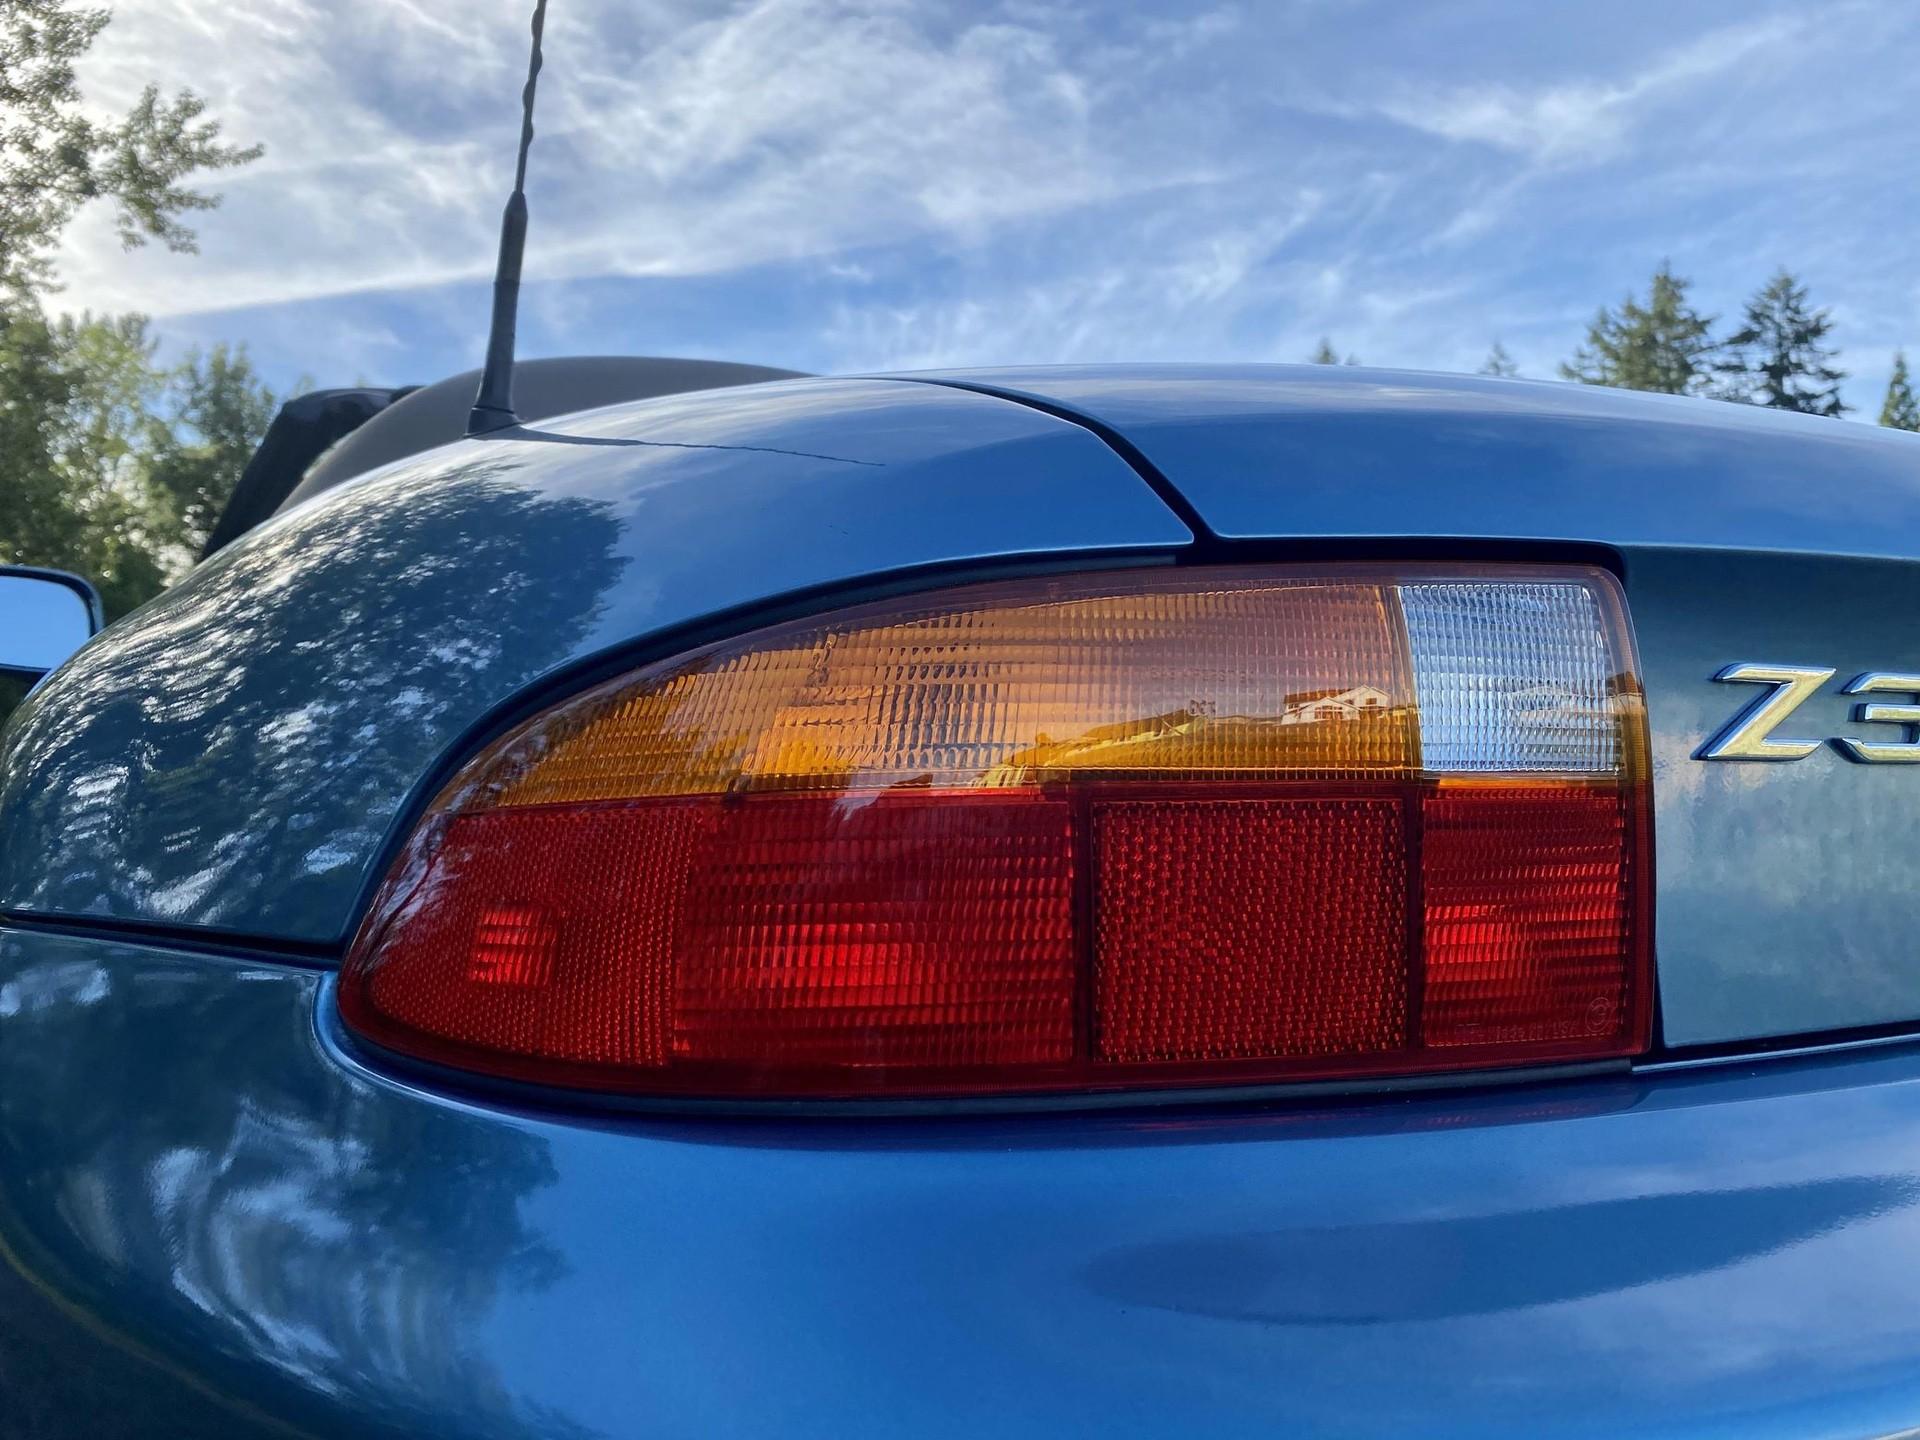 1996_BMW_Z3_James_Bond_Edition_sale-0017